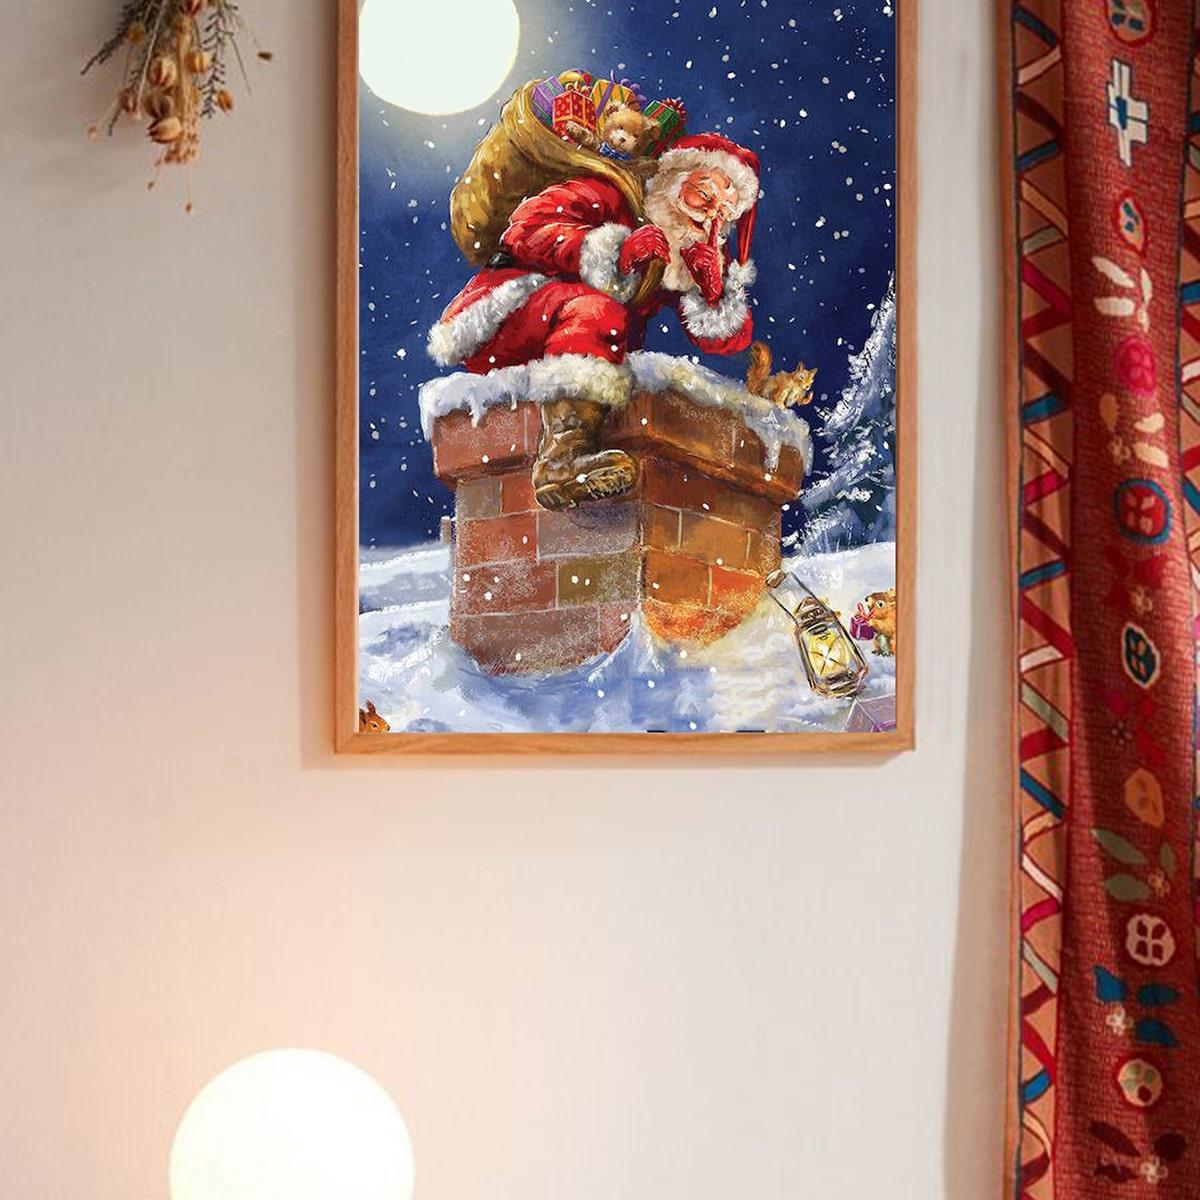 Kerst Santa Claus-muurdruk zonder lijst